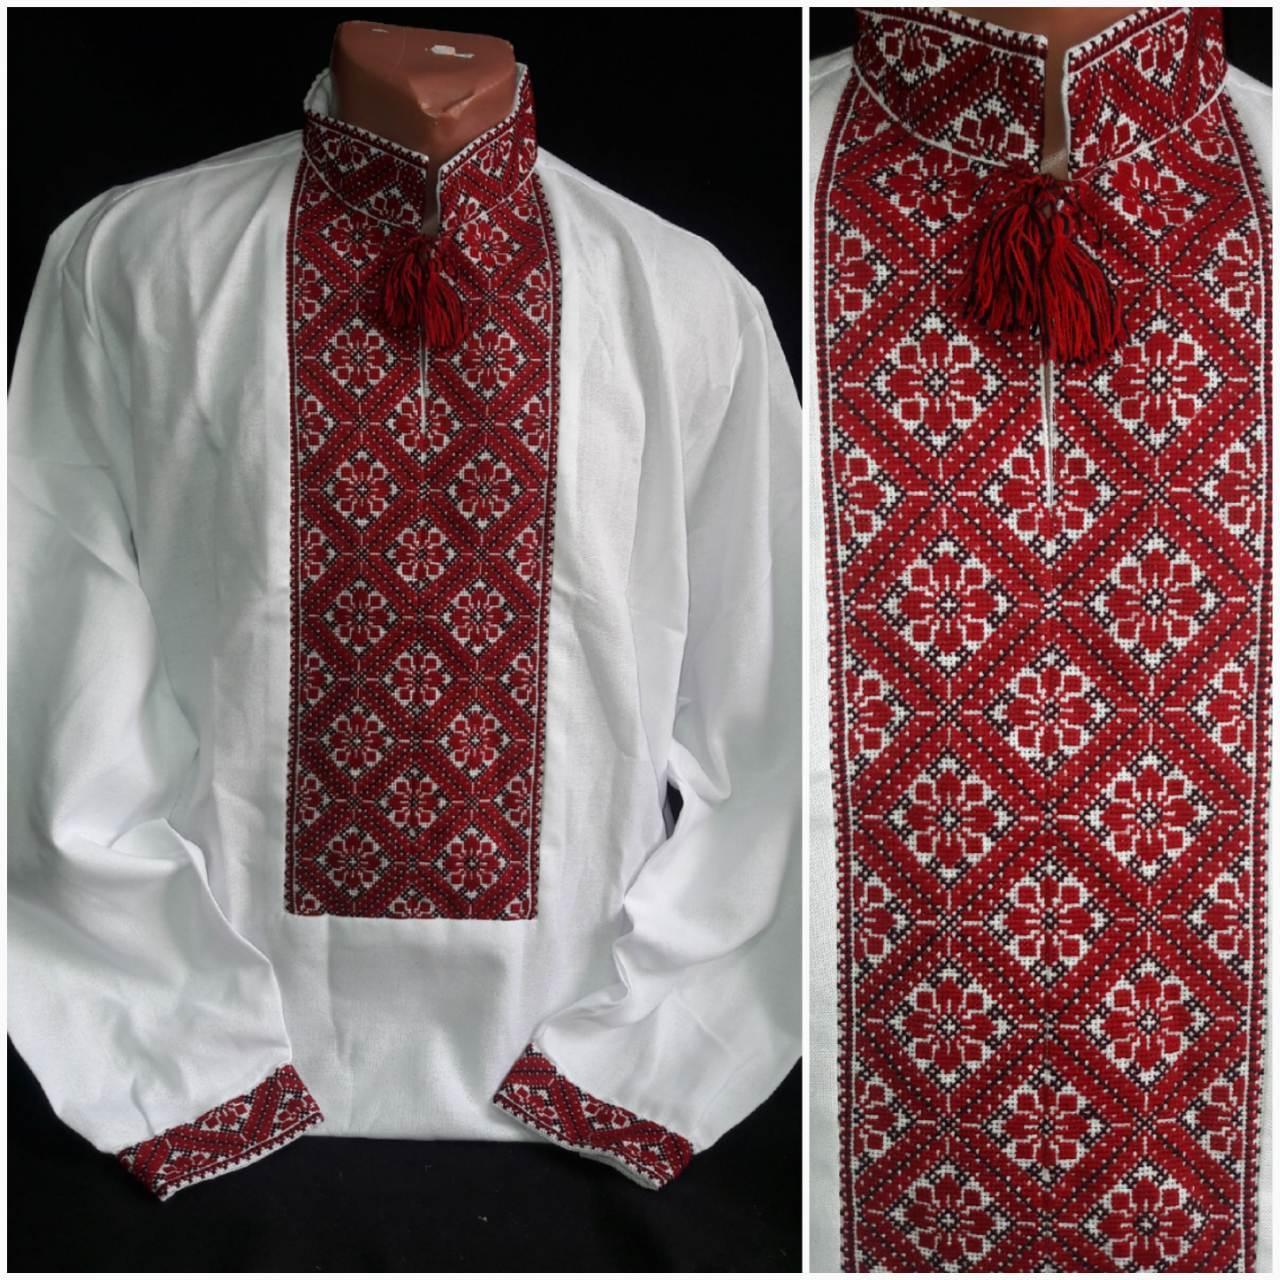 Вышиванка мужская ручной работы, домотканка или лен, 48-58 р-ры, 850/750 (цена за 1 шт. + 100 гр.)